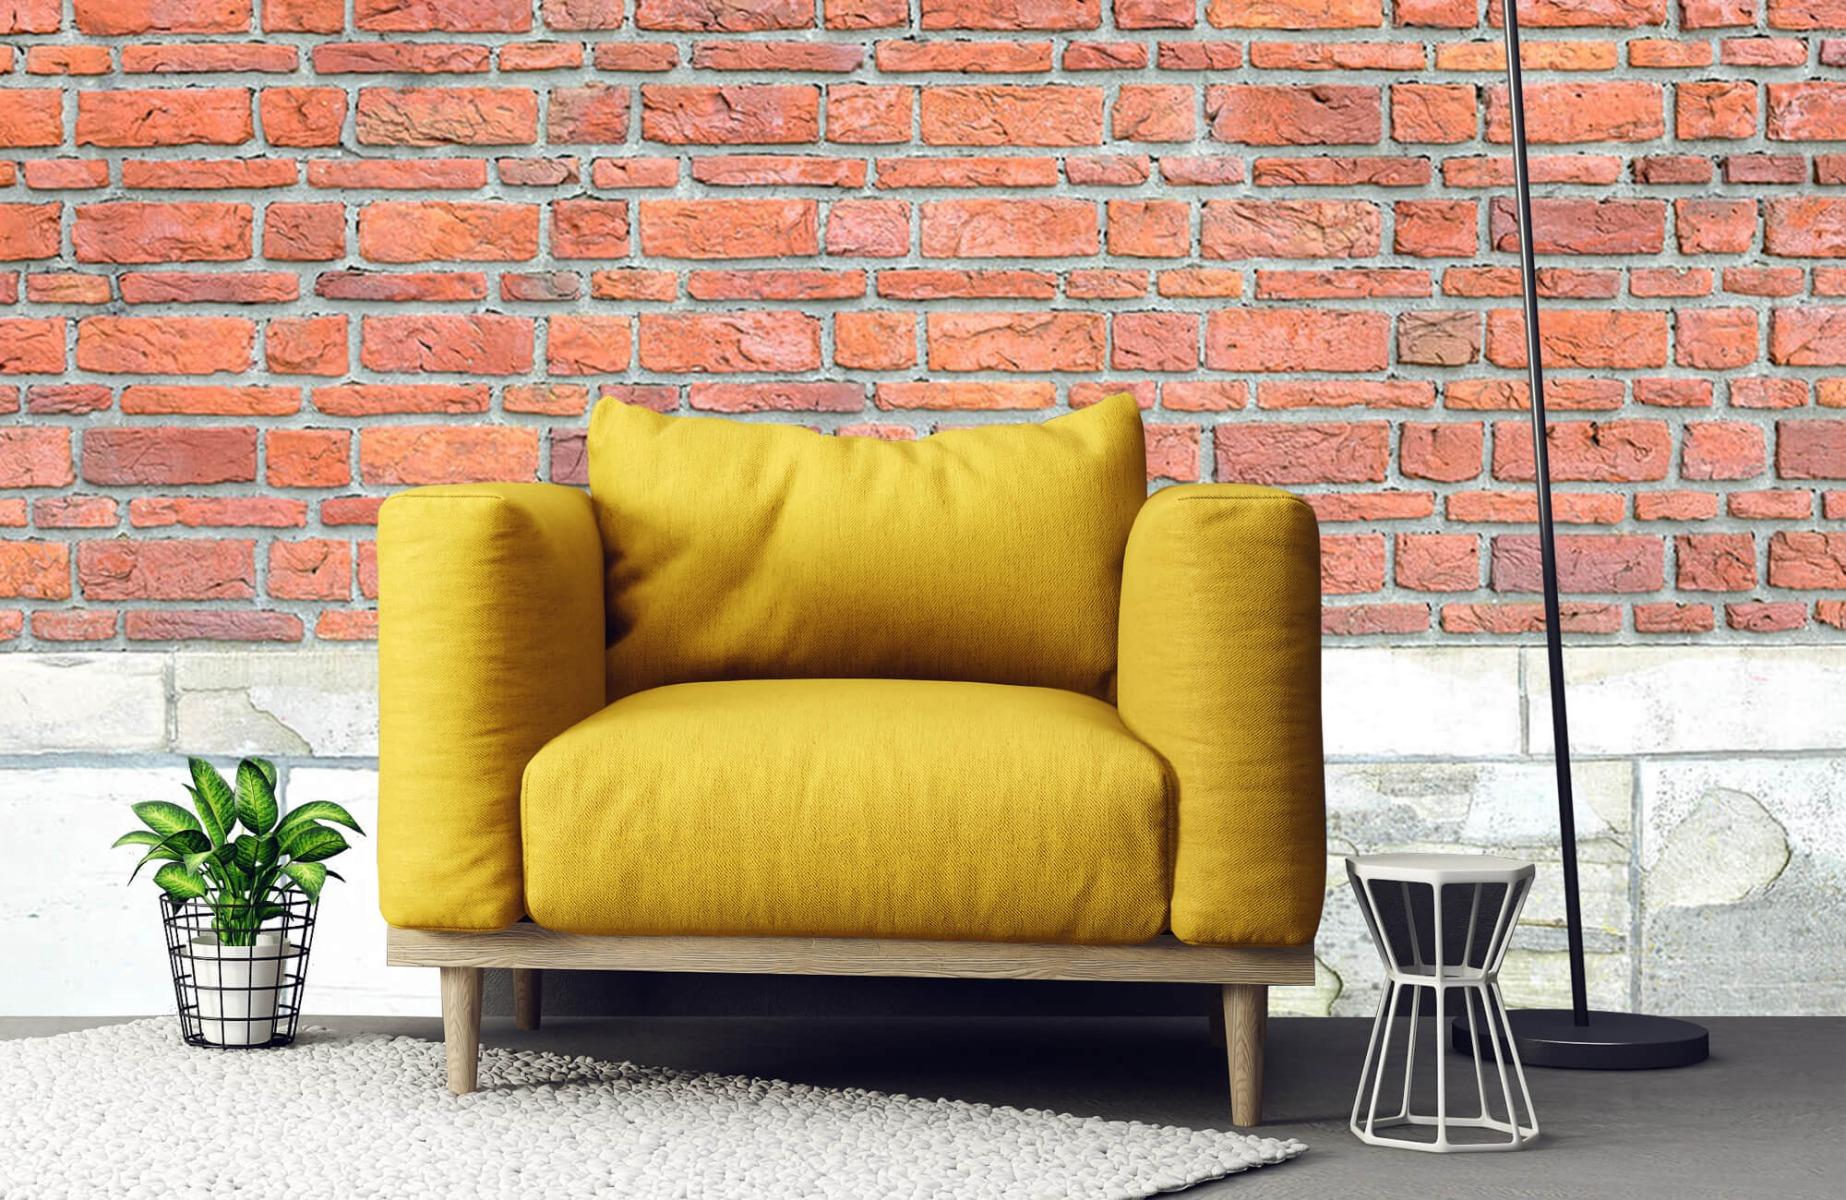 Steen behang - Bakstenen met oud beton - Wallexclusive - Slaapkamer 22